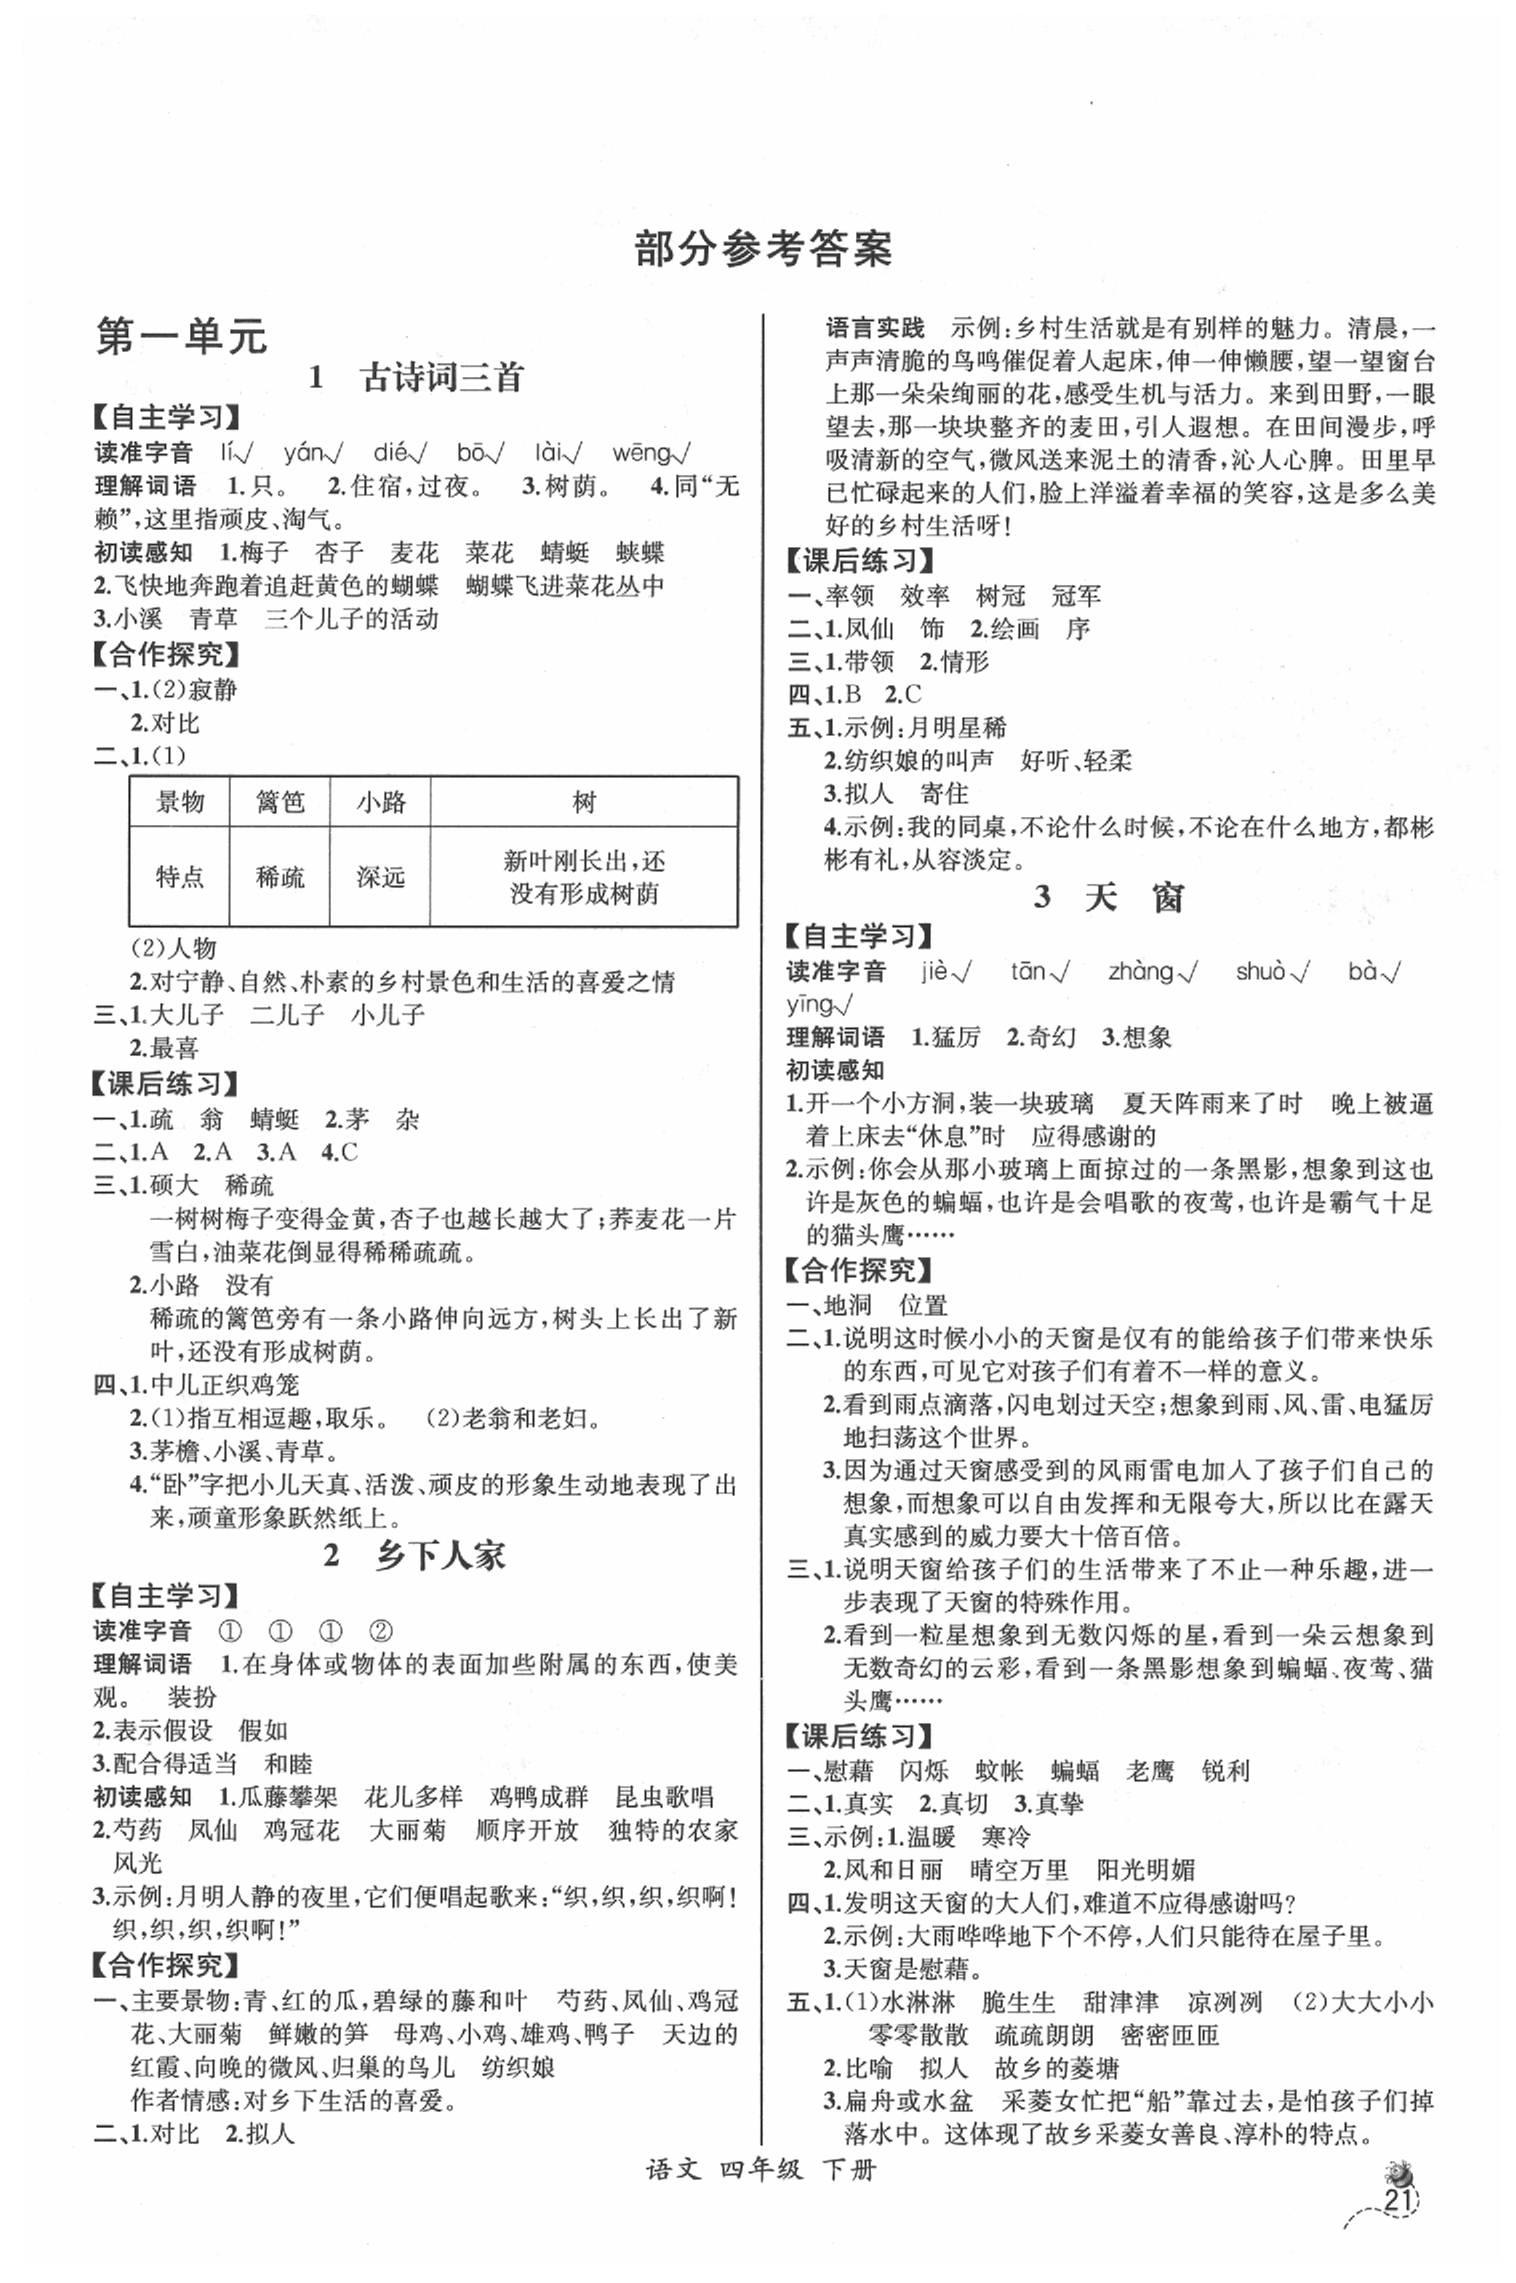 2020骞村悓姝ュ瀛︽璇炬椂缁冨洓骞寸骇璇枃涓嬪唽浜烘暀鐗堟渤鍖椾笓鐗�绗�1椤�